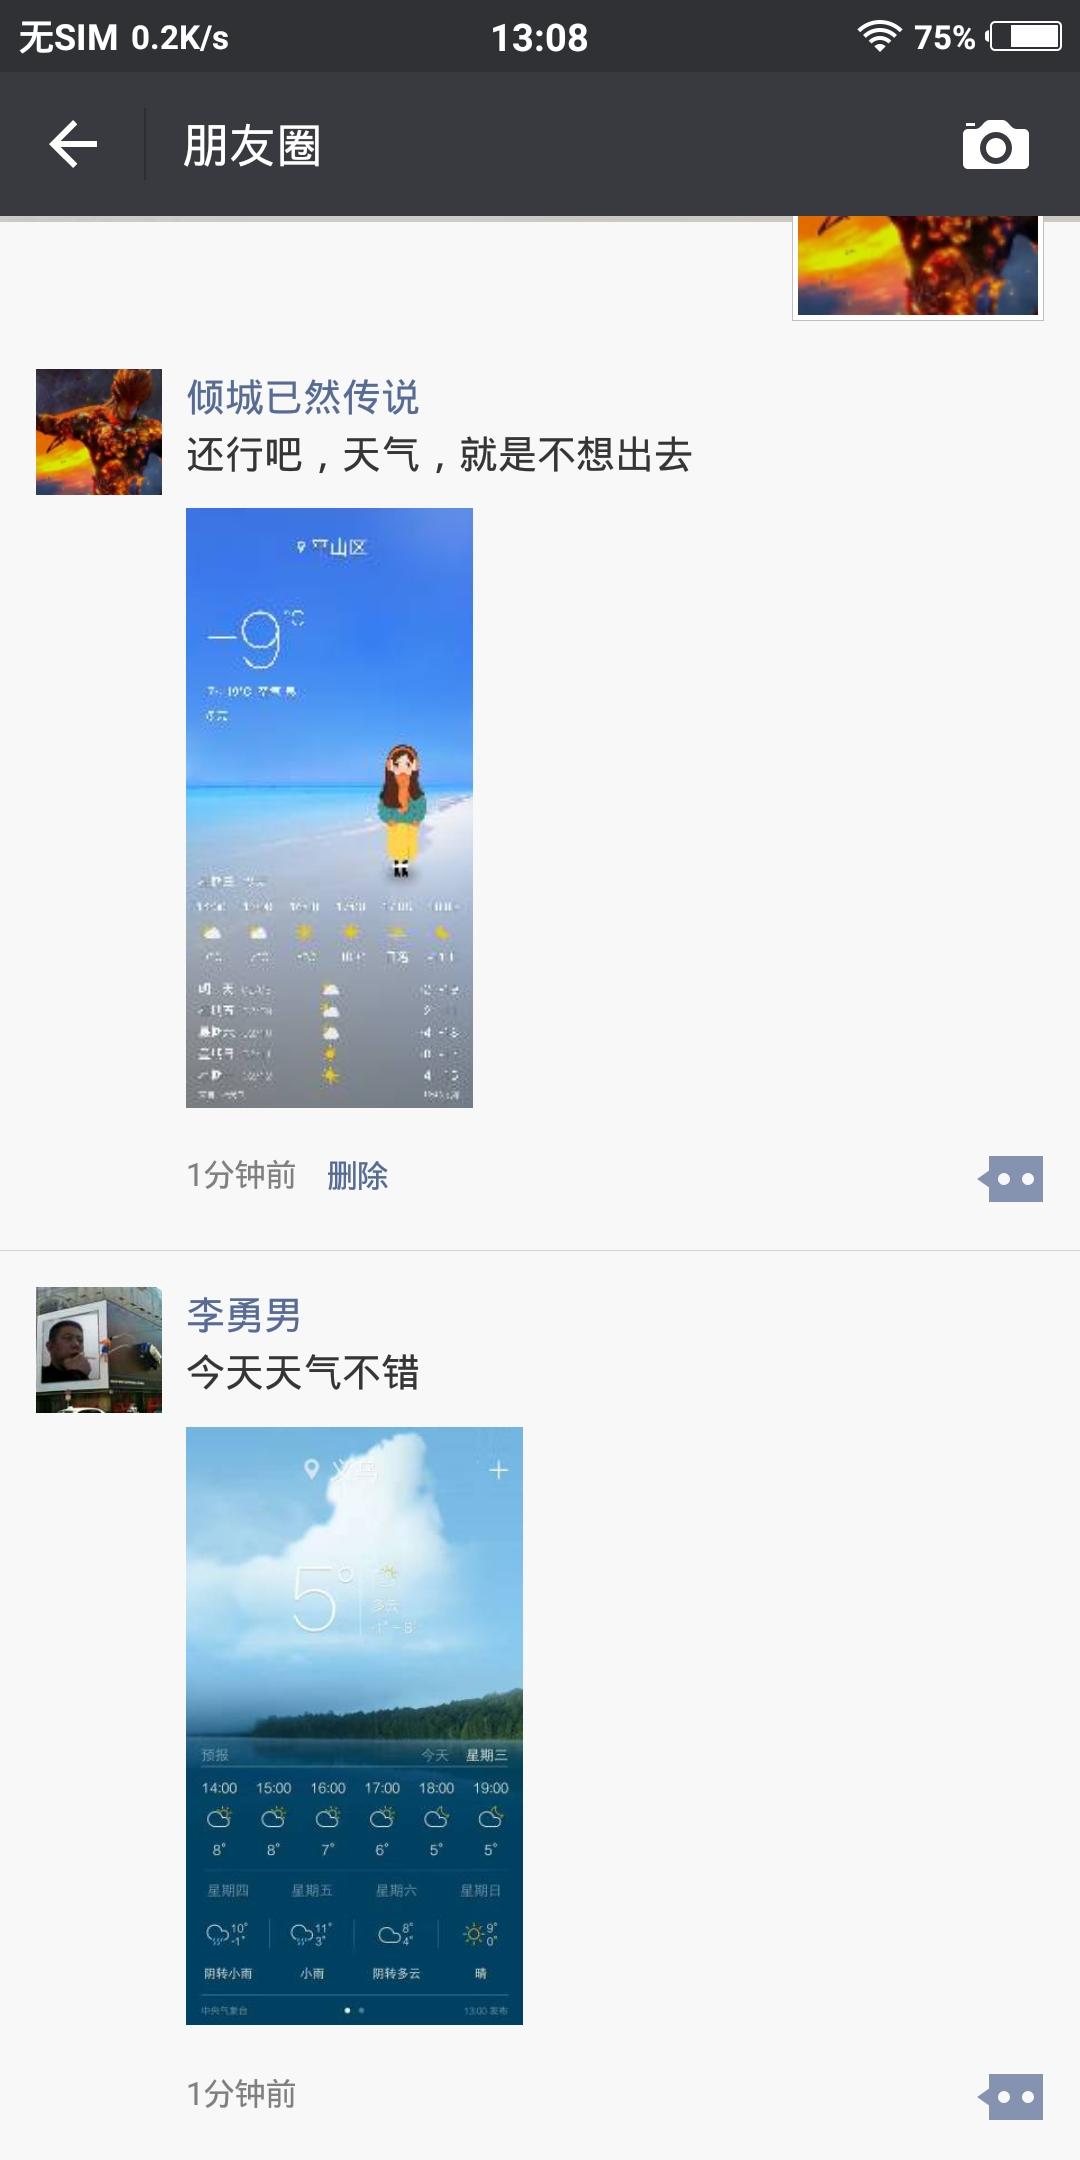 Screenshot_20180207_130826.jpg